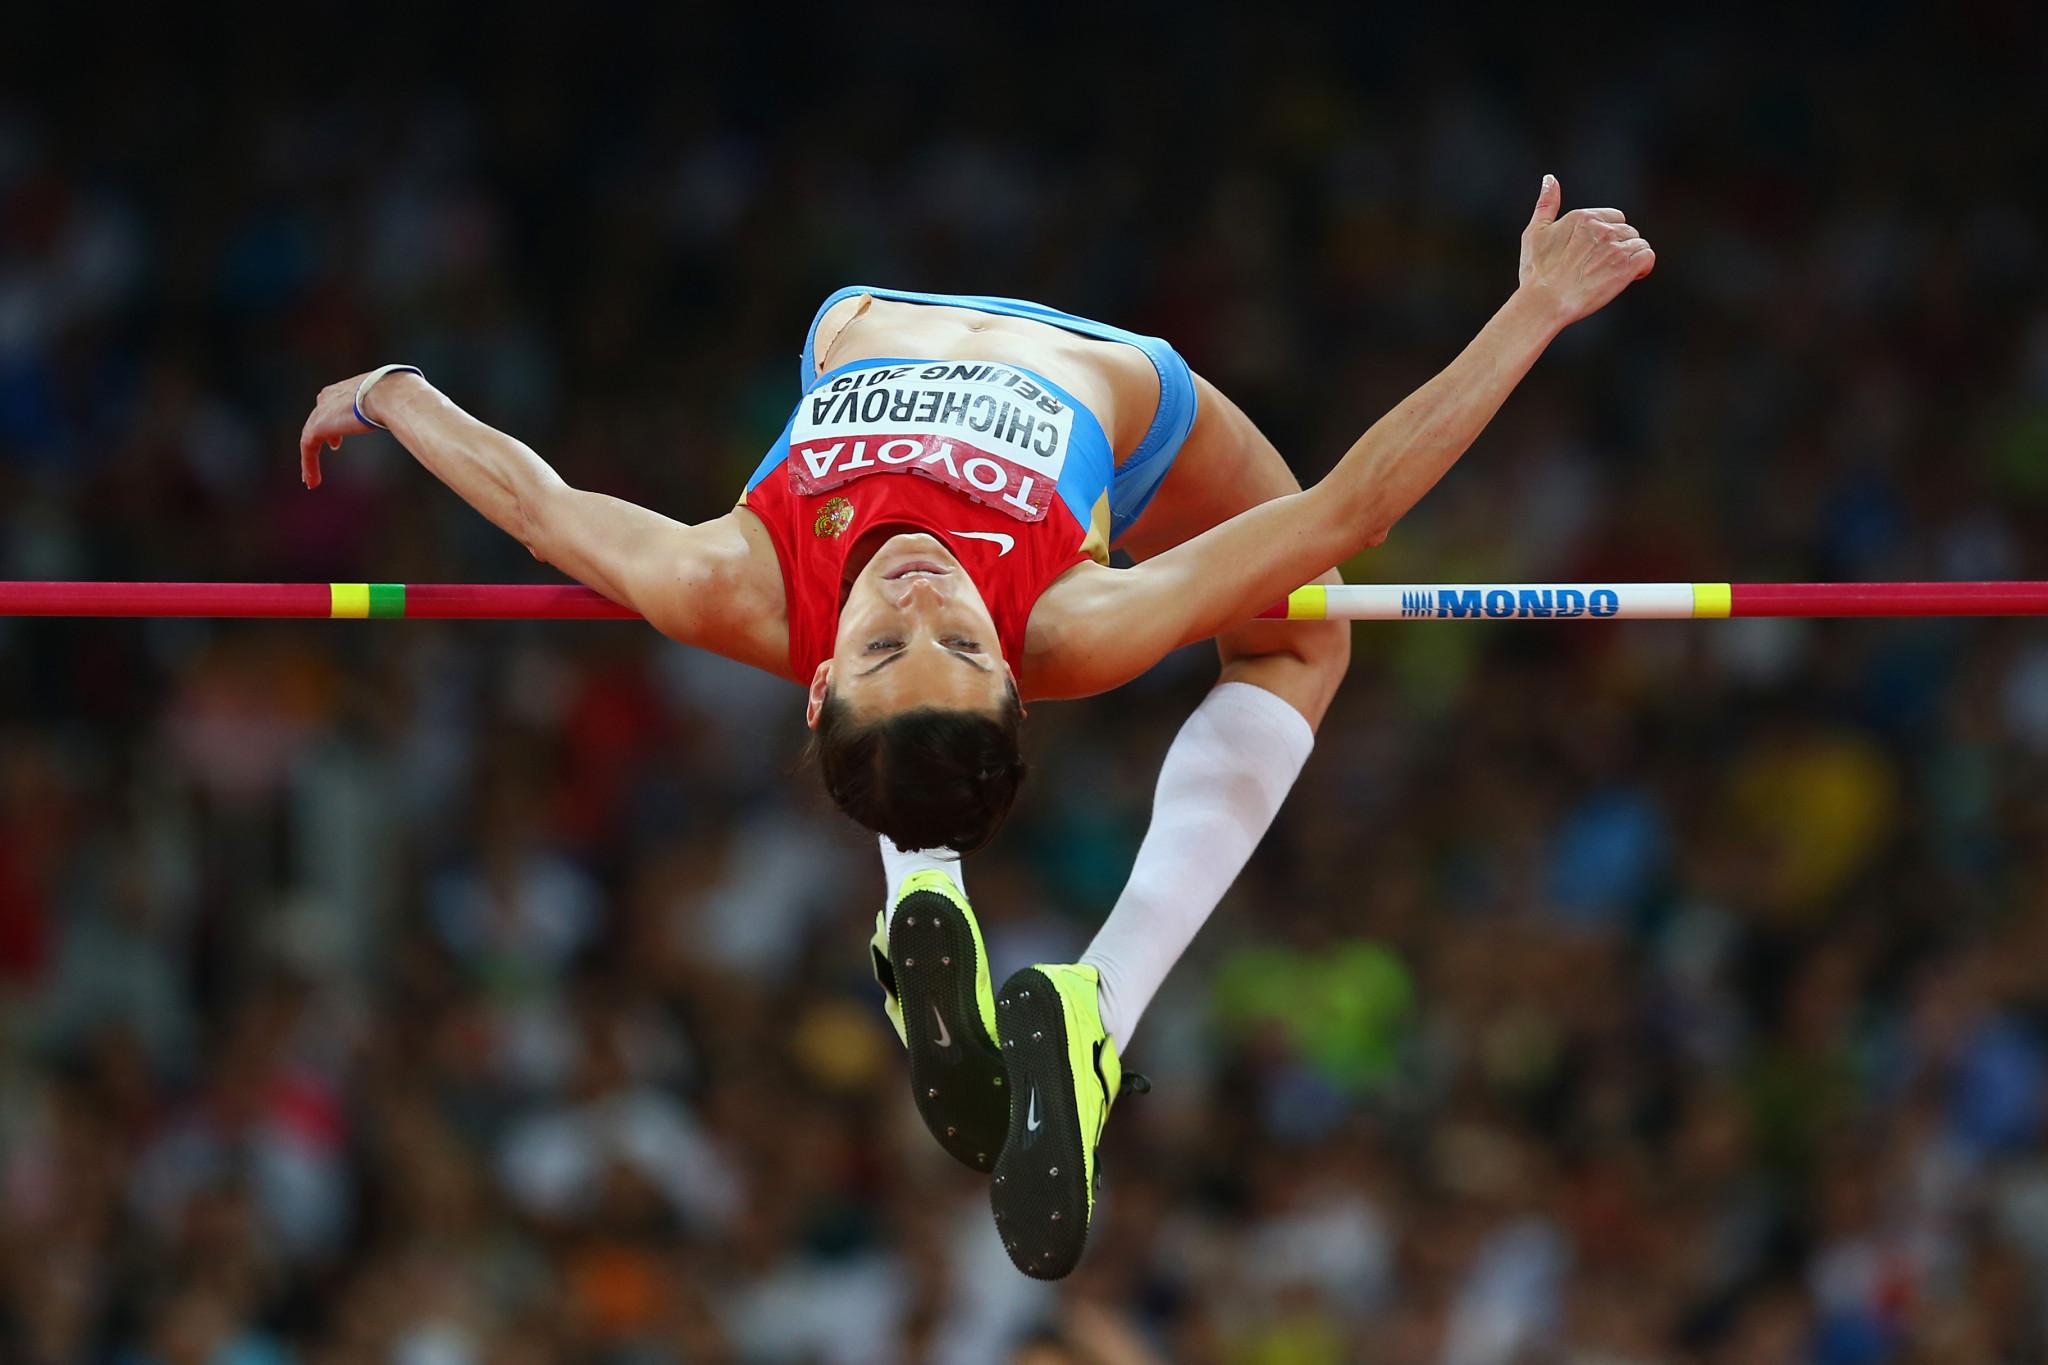 Russian high jump coach Zagorulko dies at 78 after COVID-19 diagnosis